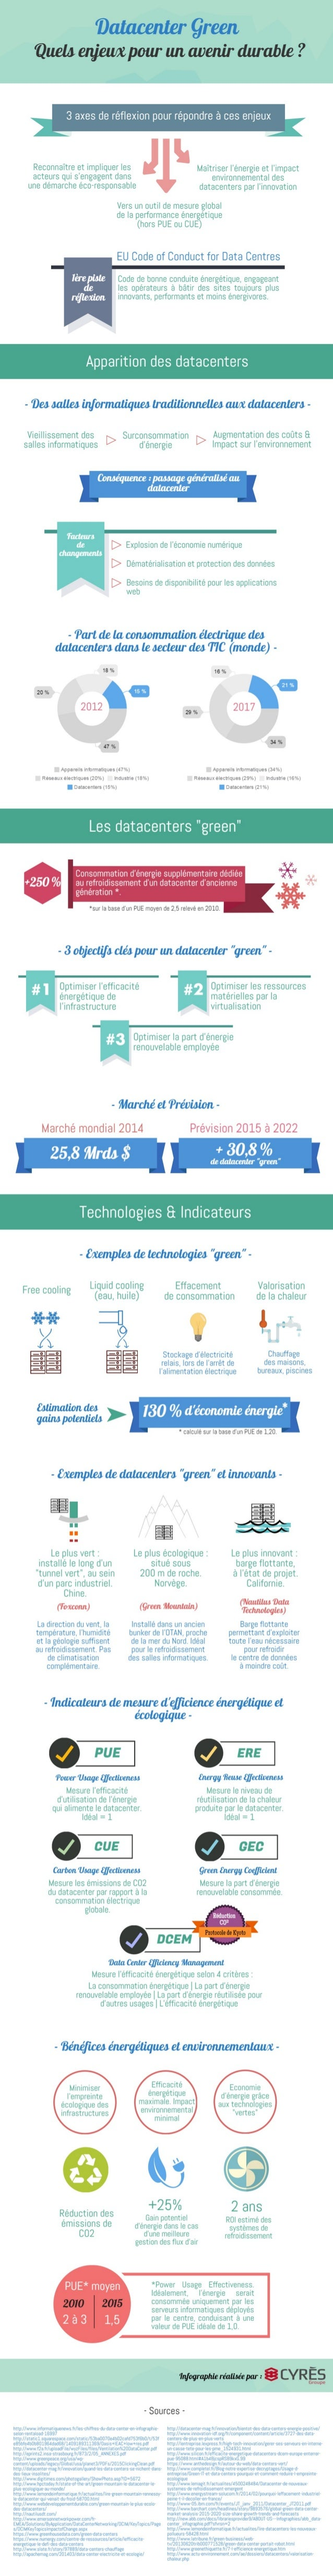 [Infographie] Data Center Green : Quels enjeux pour un avenir durable ?